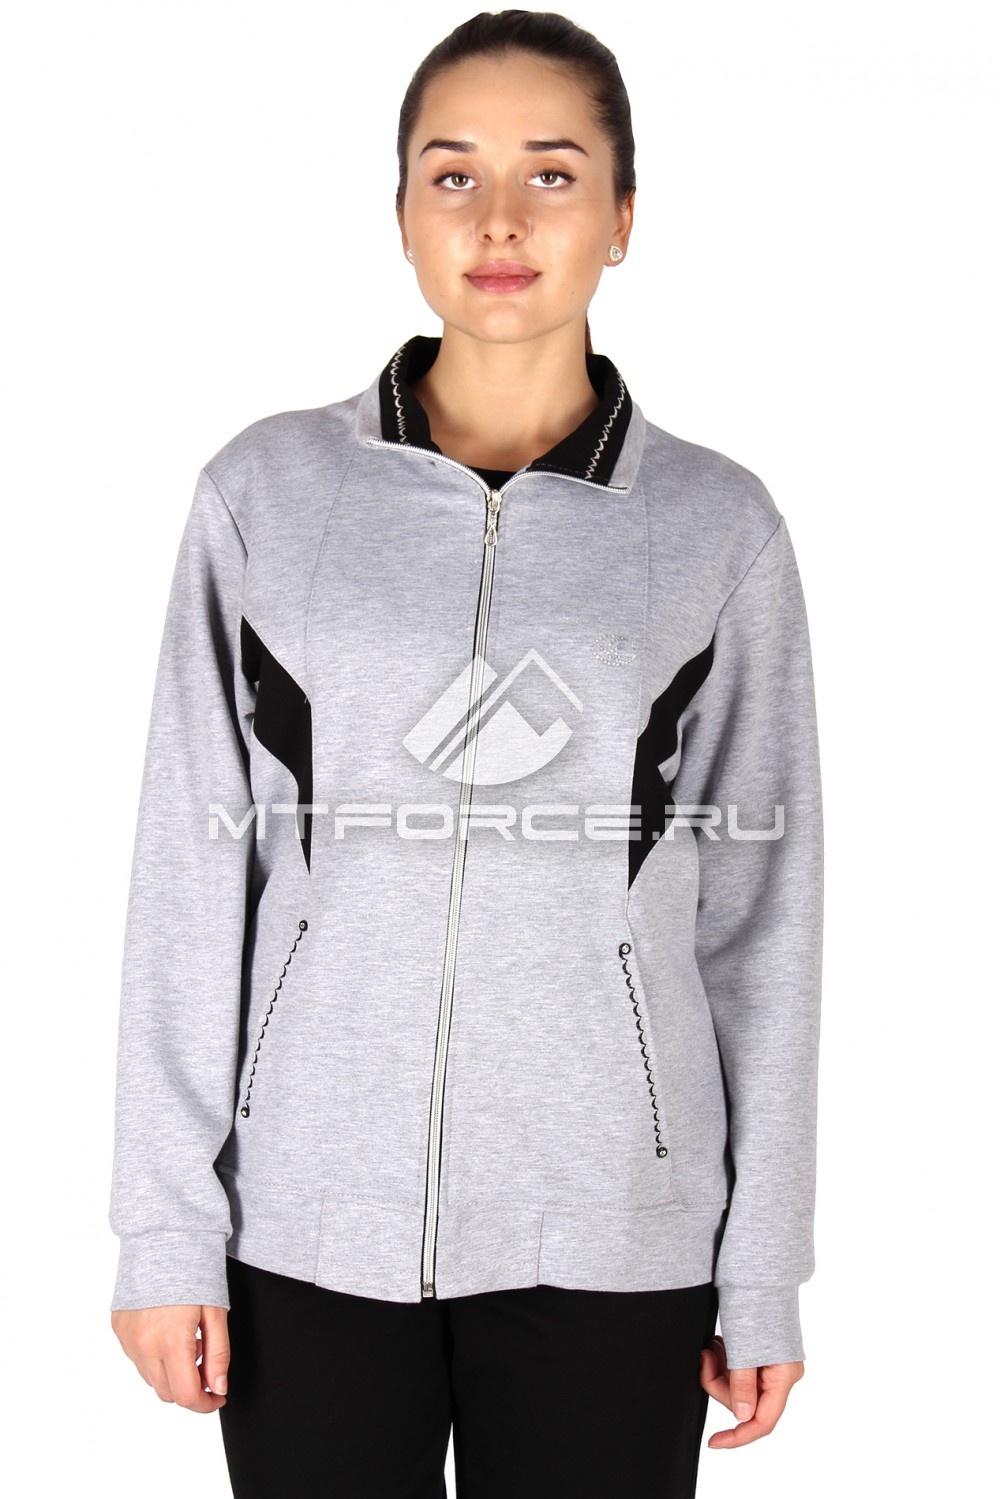 Купить                                  оптом Олимпийка женская большого размера серого цвета 022Sr